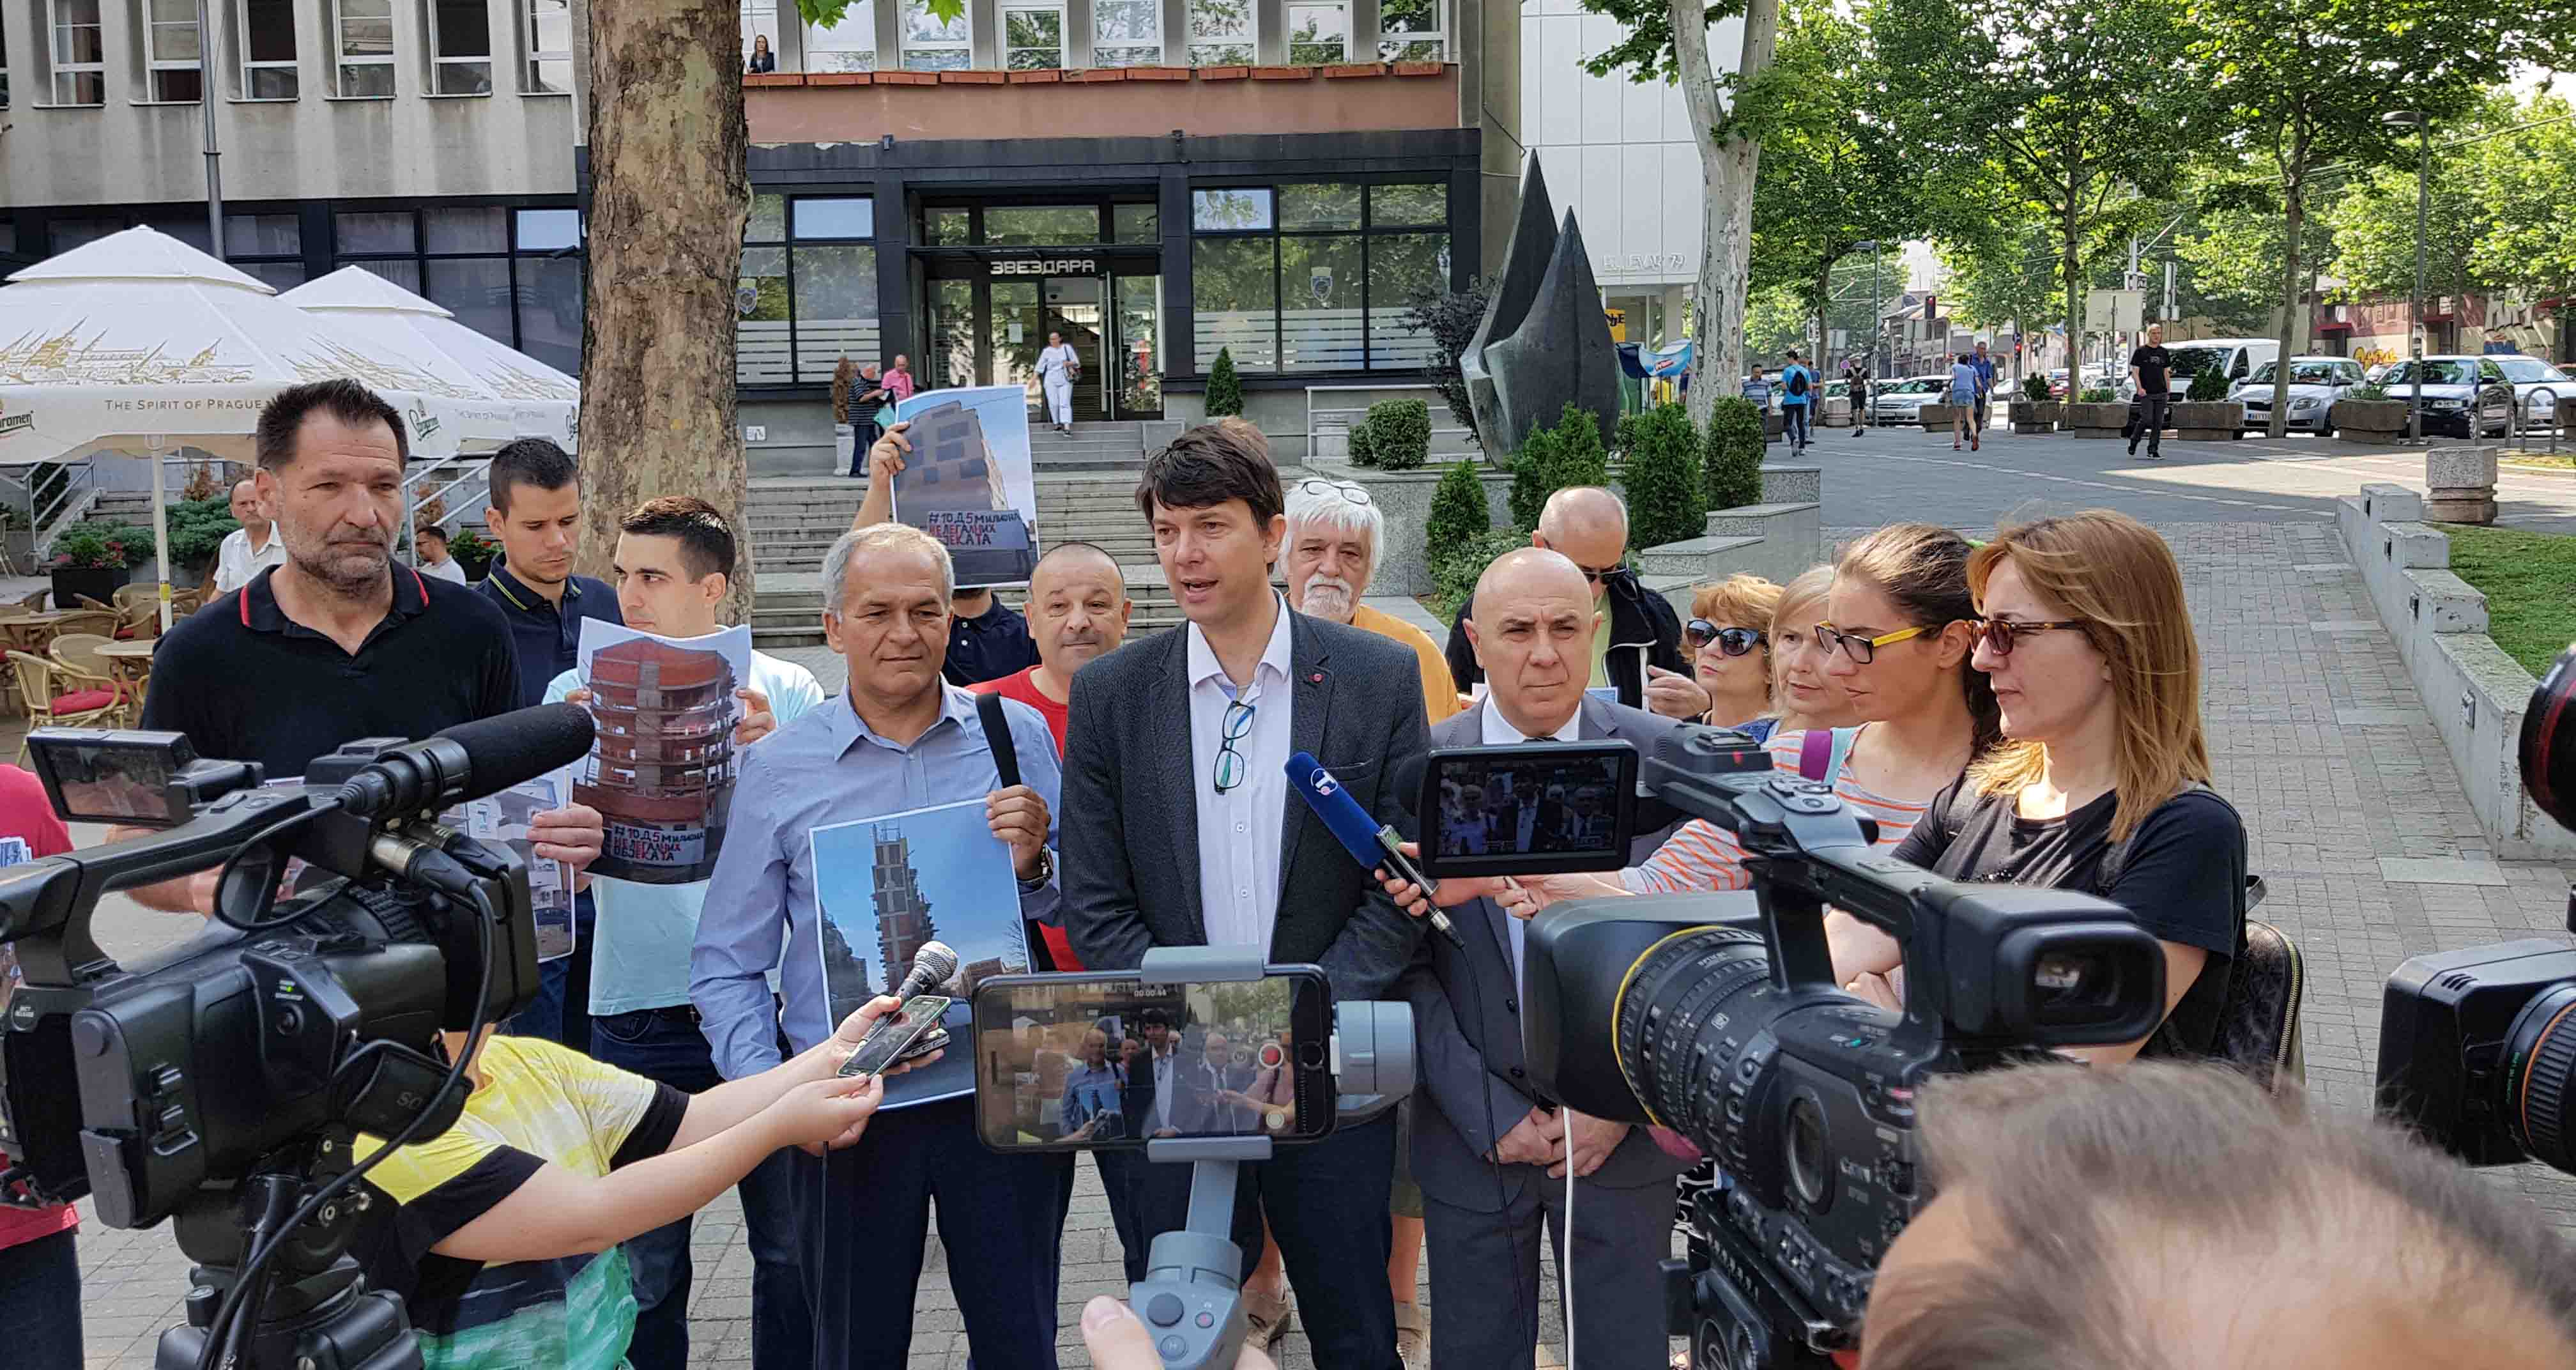 Јовановић: Бојкот свих скупштина општина у Београду, СНС реагује само на притисак